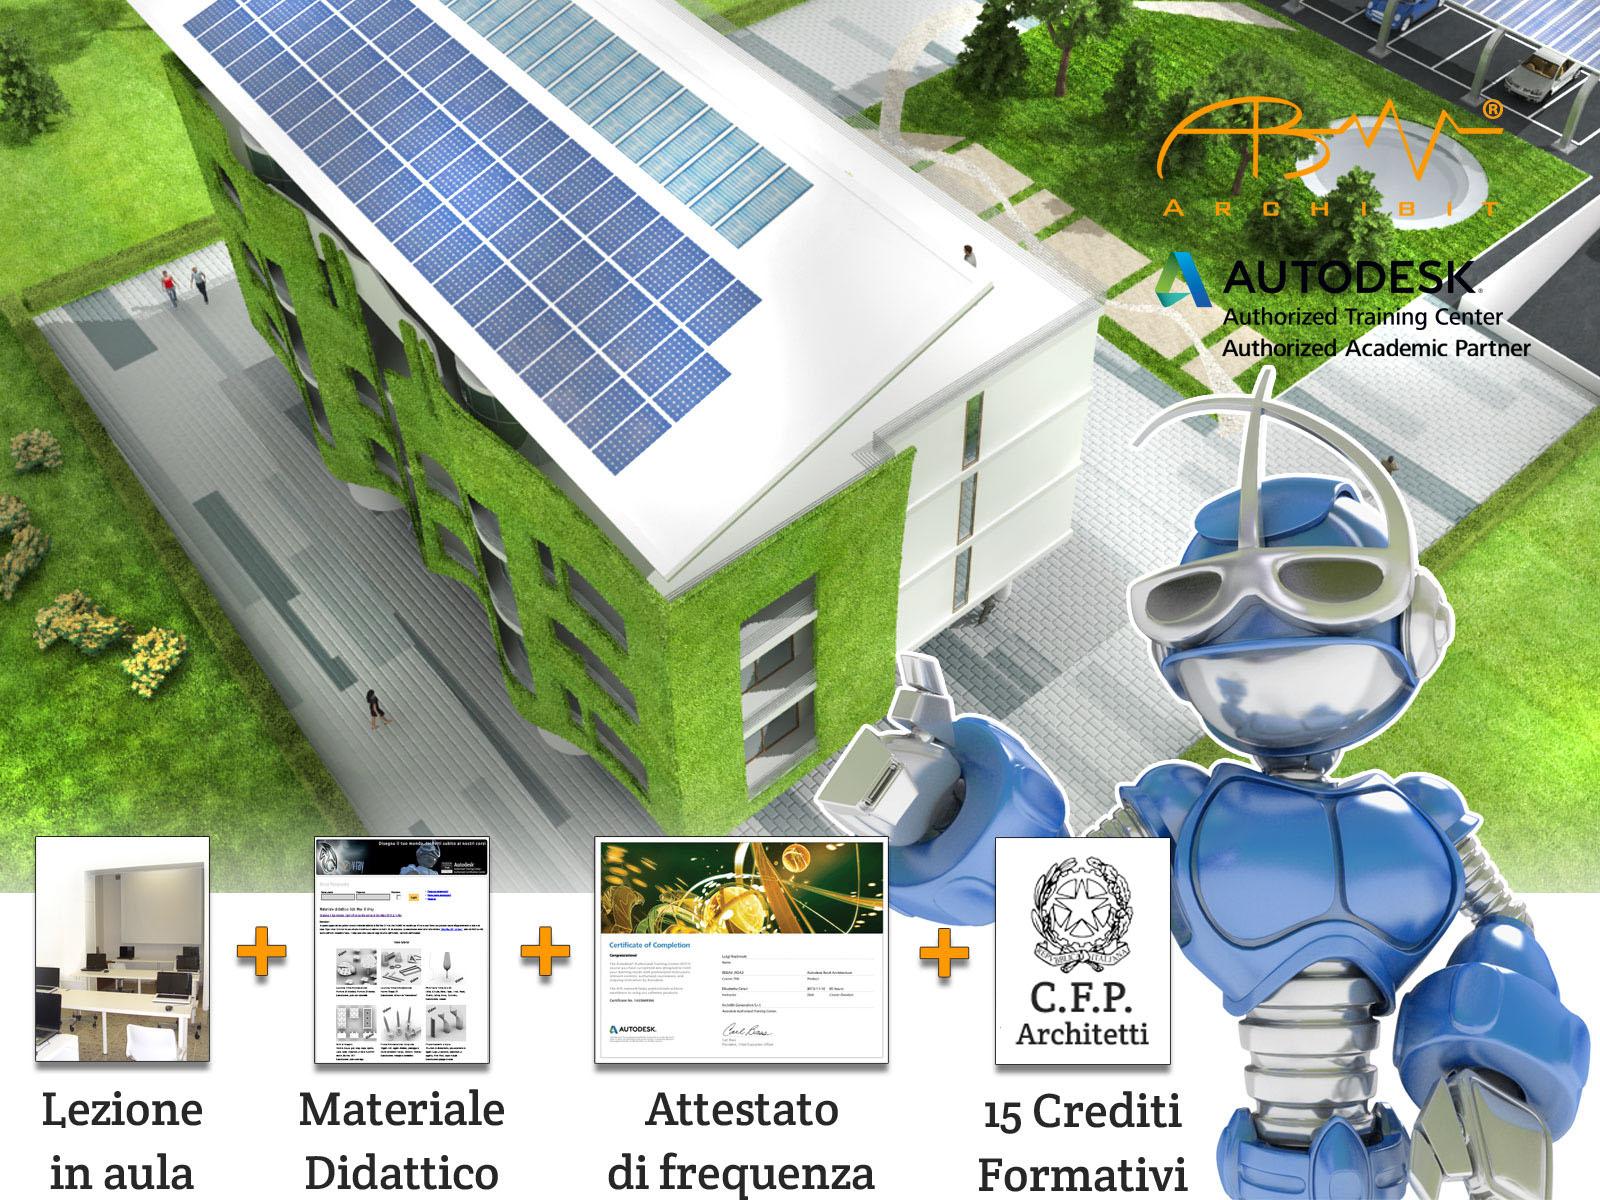 Corso Revit Avanzato - Archibit Generation centro corsi Autodesk Roma